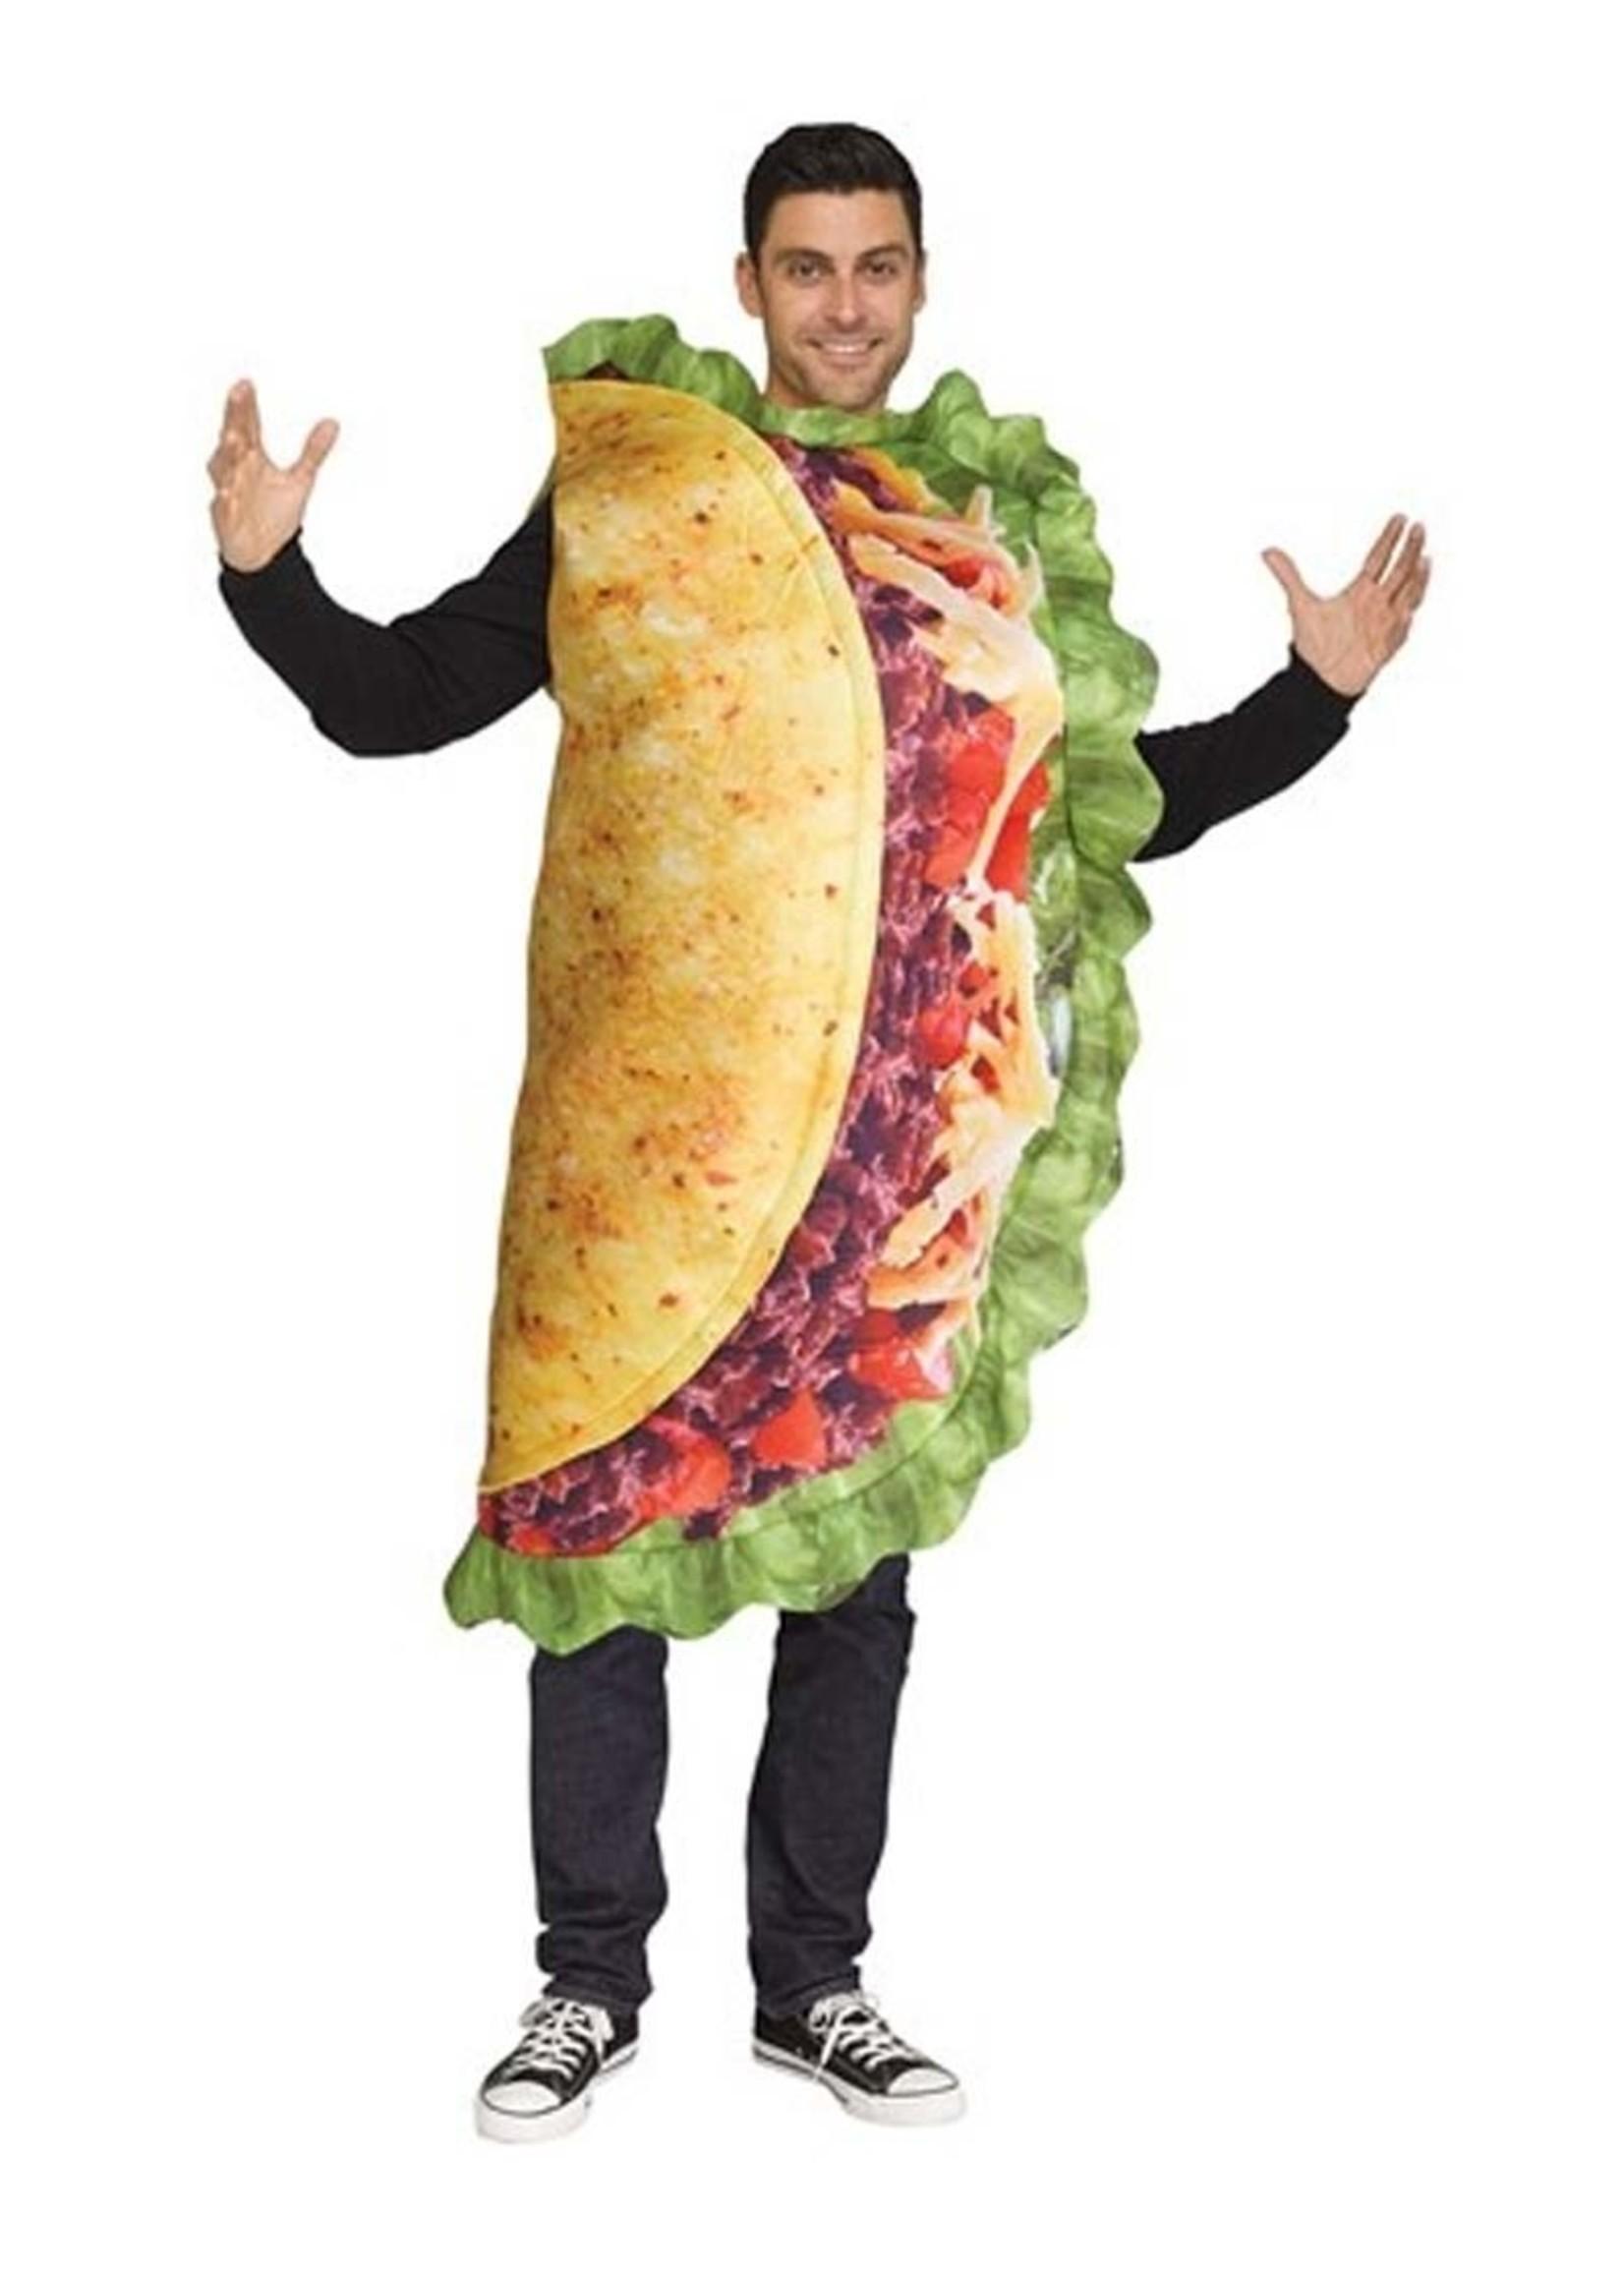 FUN WORLD Taco - Humor